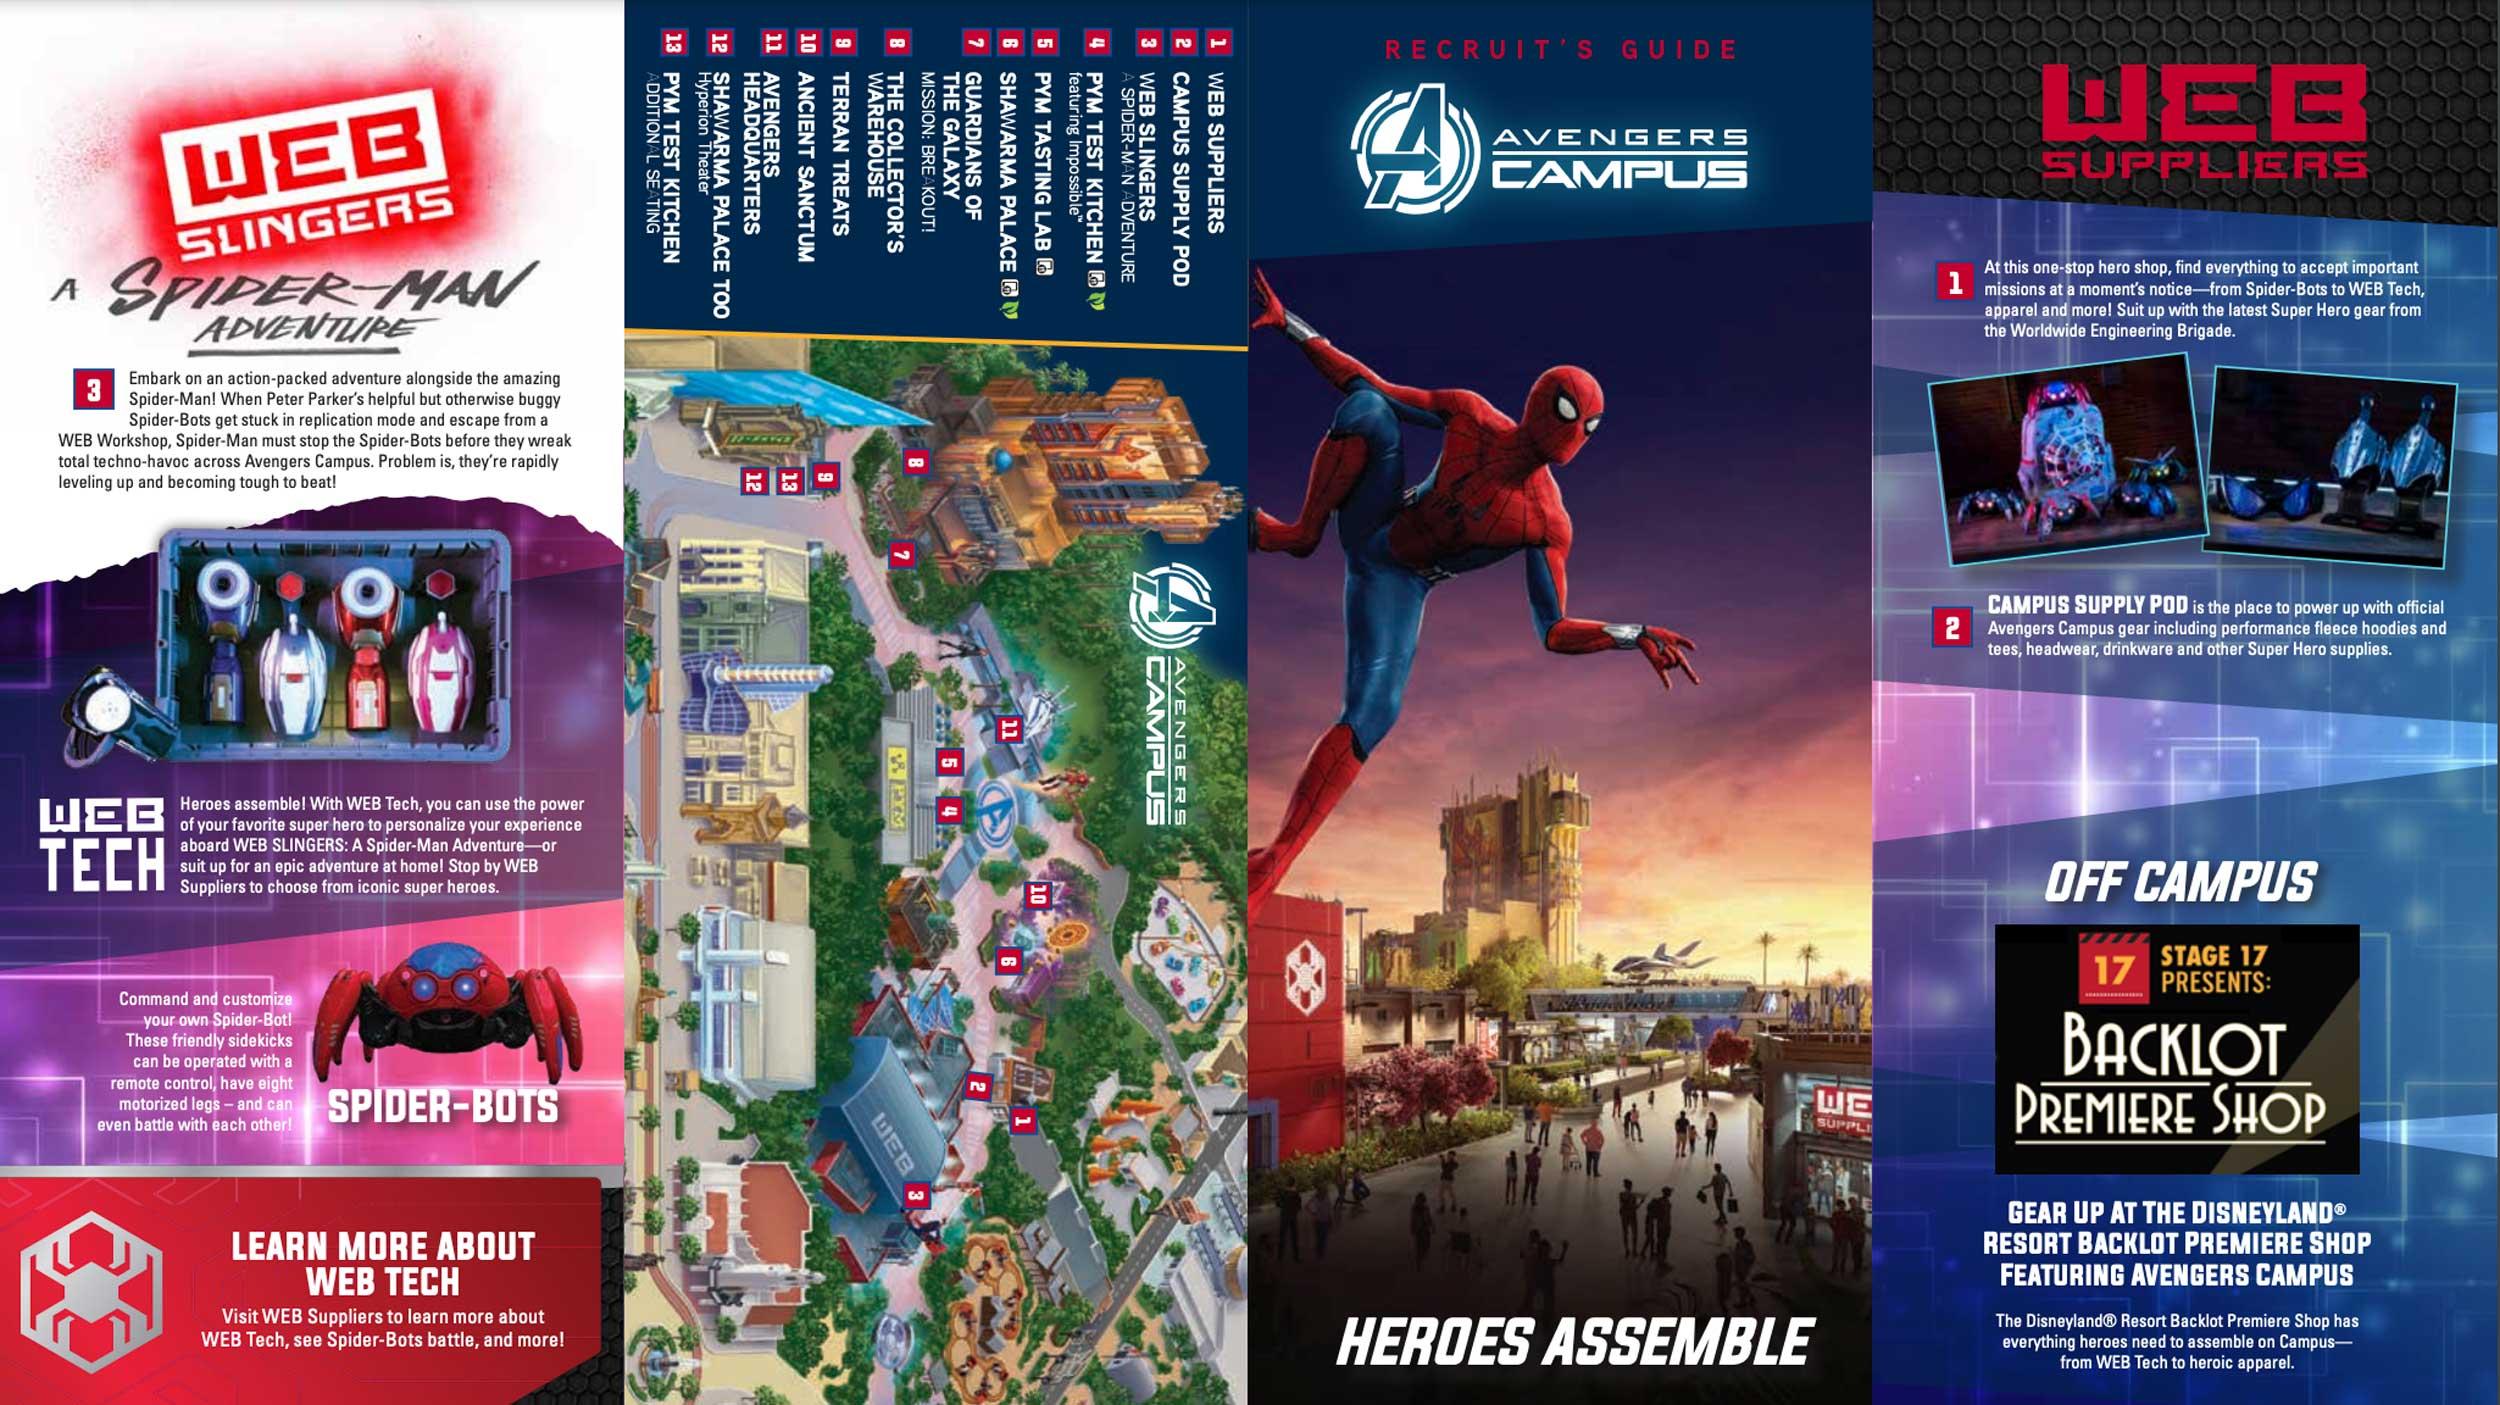 Disney California Adventure Avengers Campus Map